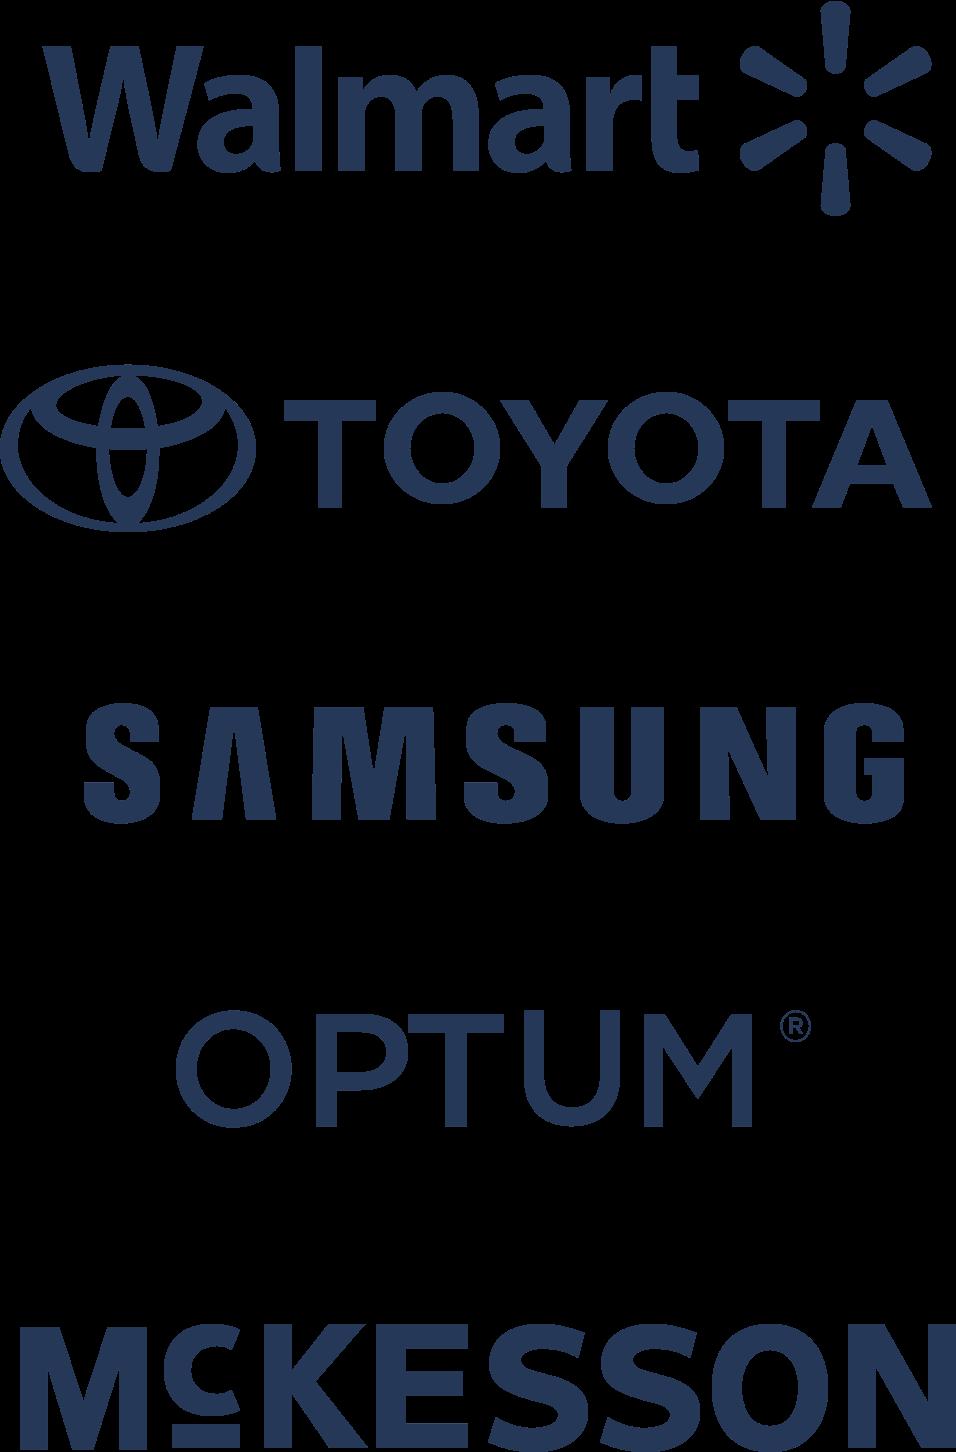 Logotipos de Walmart, Toyota, Samsung, Optum y McKesson